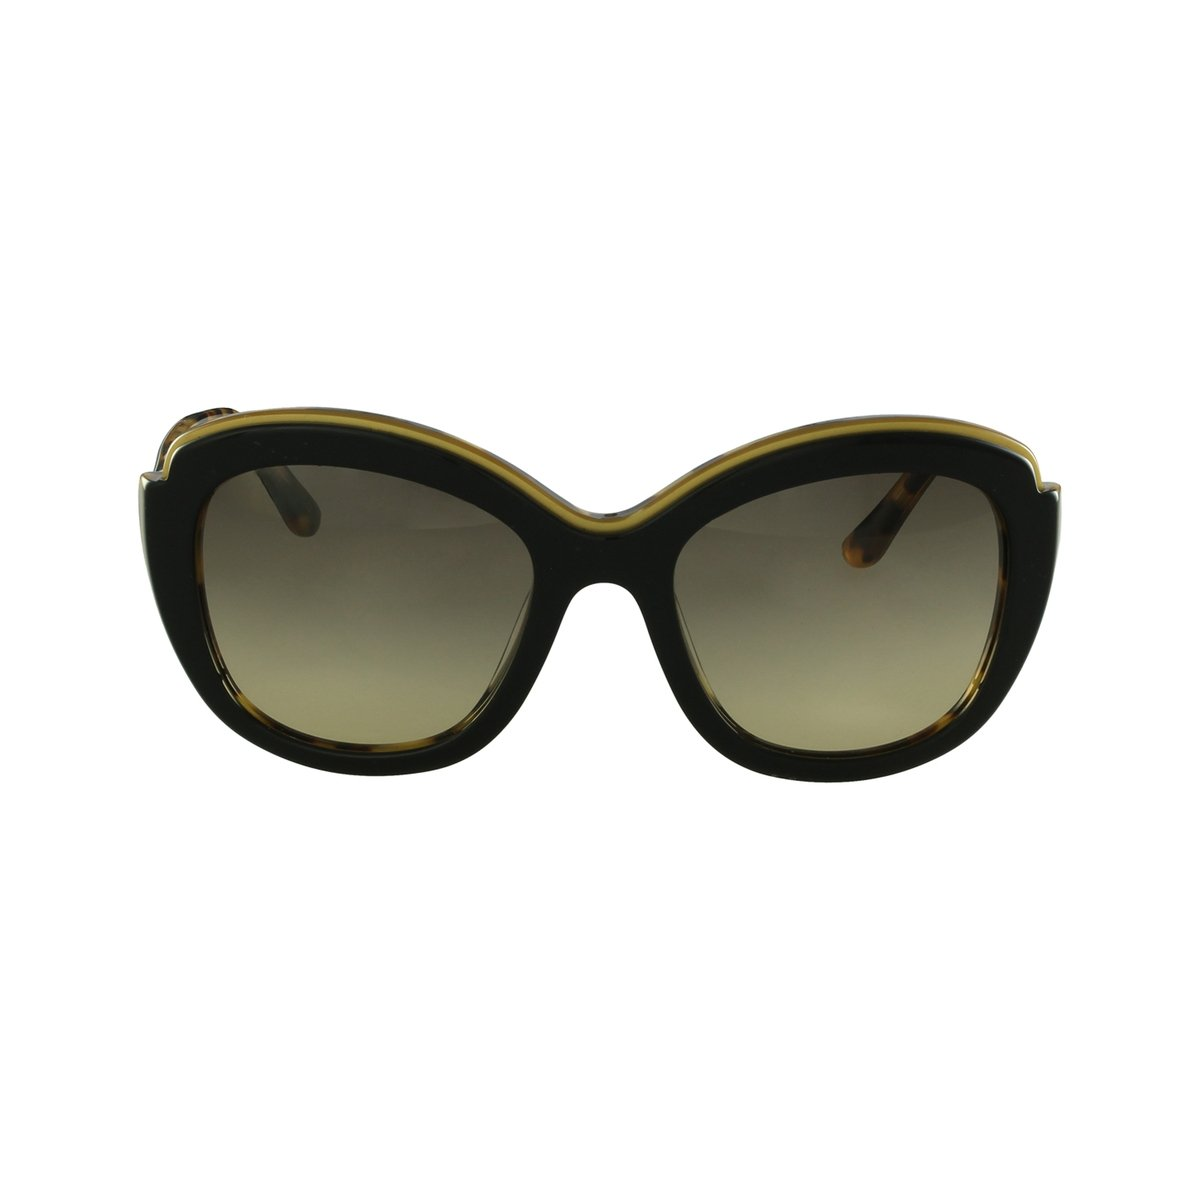 Óculos de Sol Salvatore Ferragamo Fashion Preto - Compre Agora ... fdaacb0096